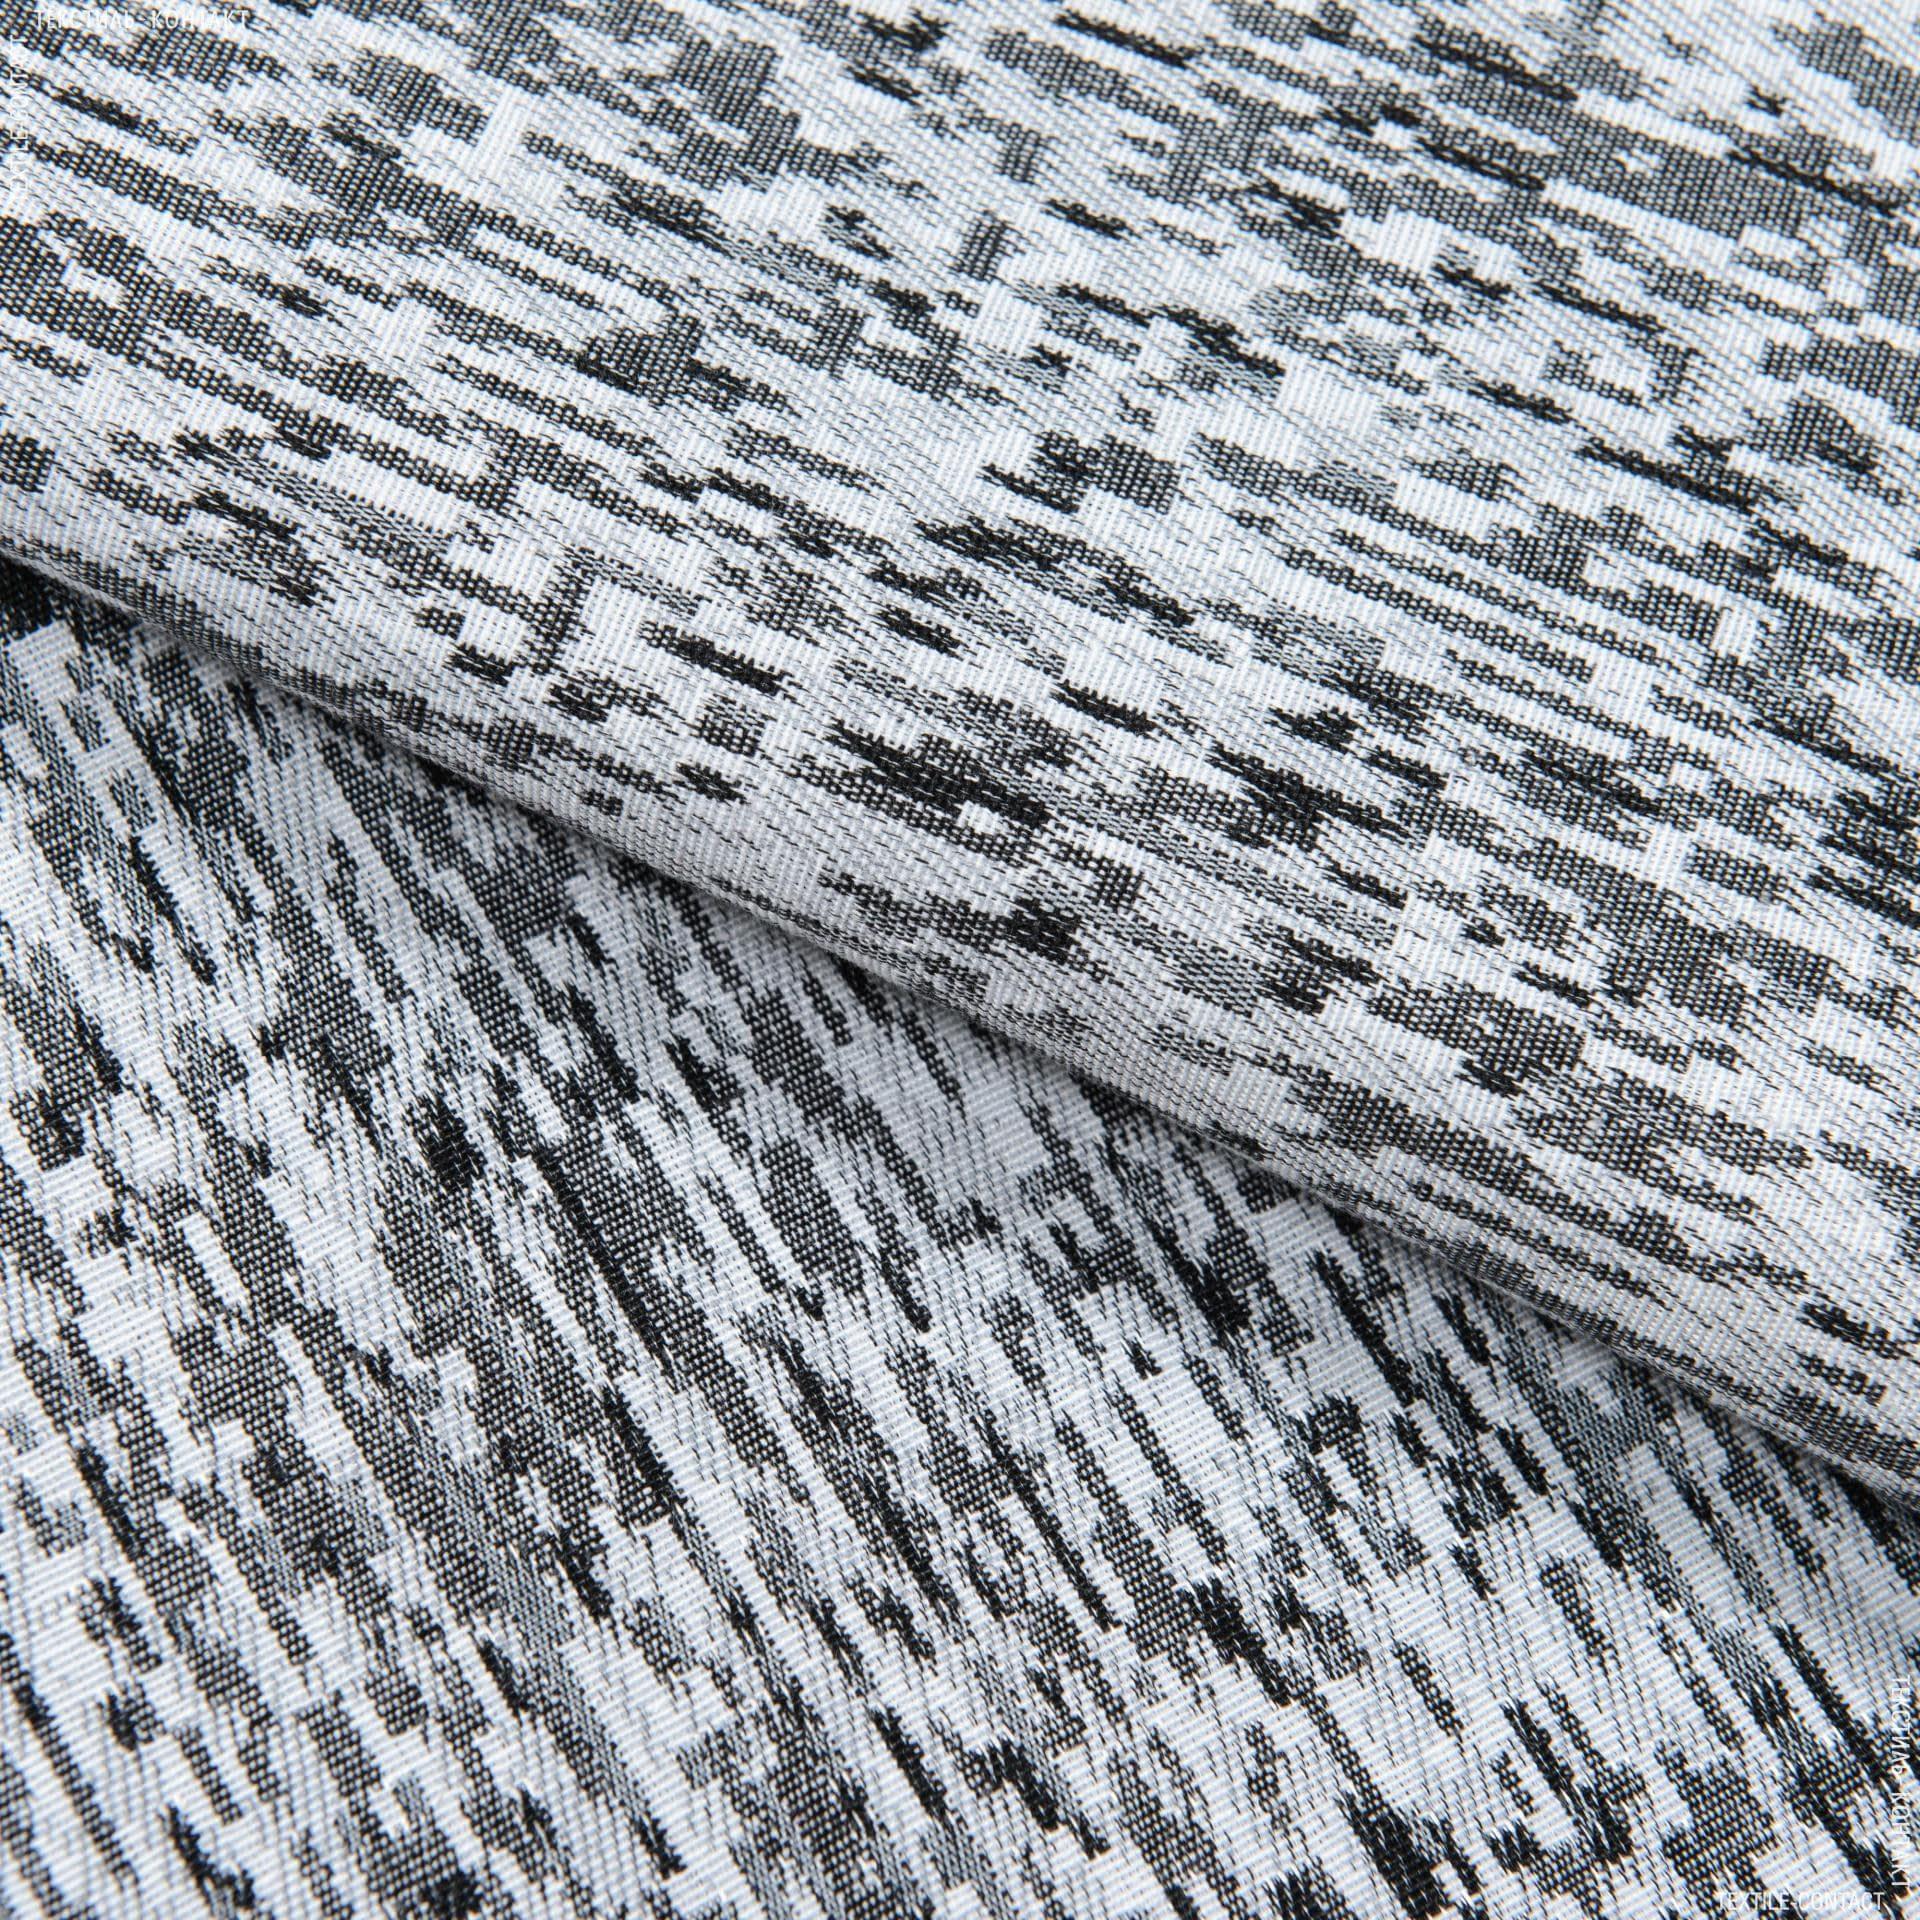 Тканини килимові покриття - Килимова доріжка з пвх АВАЛОН штрихи / AVALON сірий